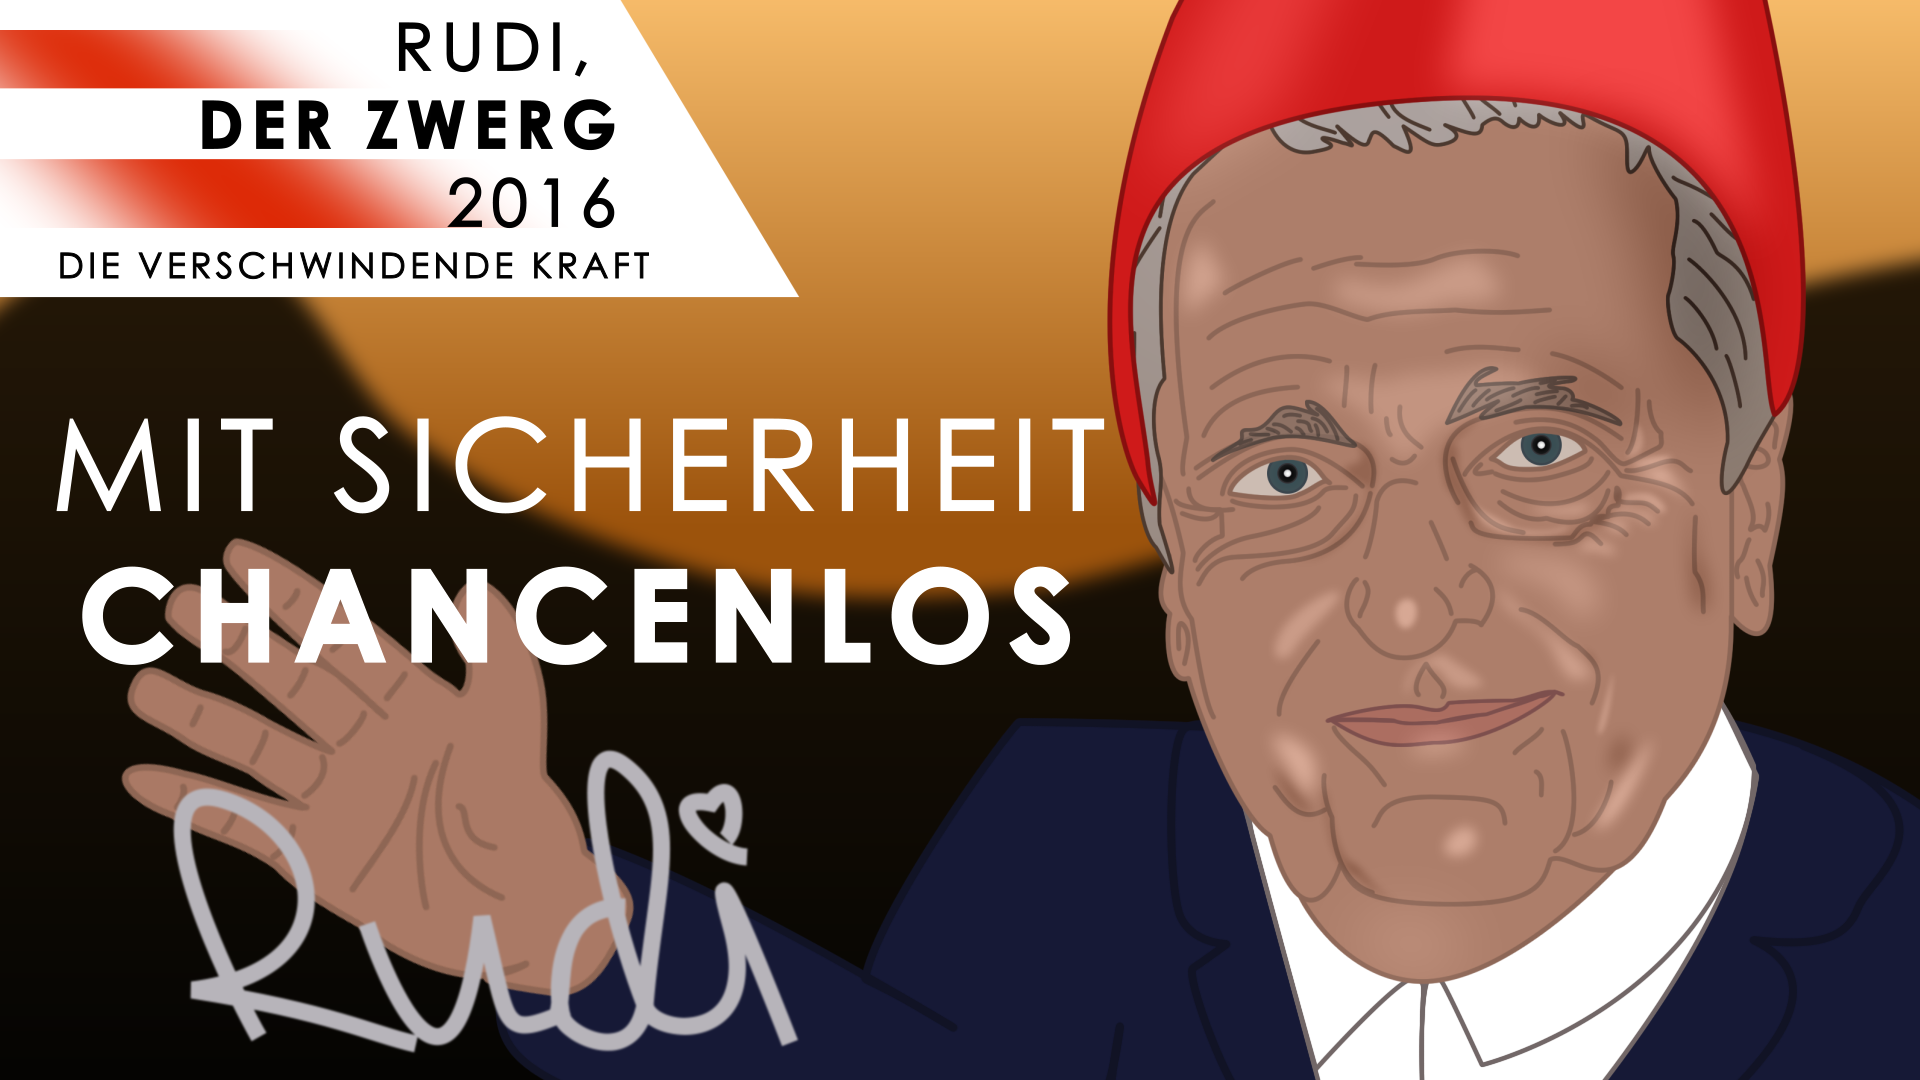 Rudi, der Zwerg: Mit Sicherheit chancenlos